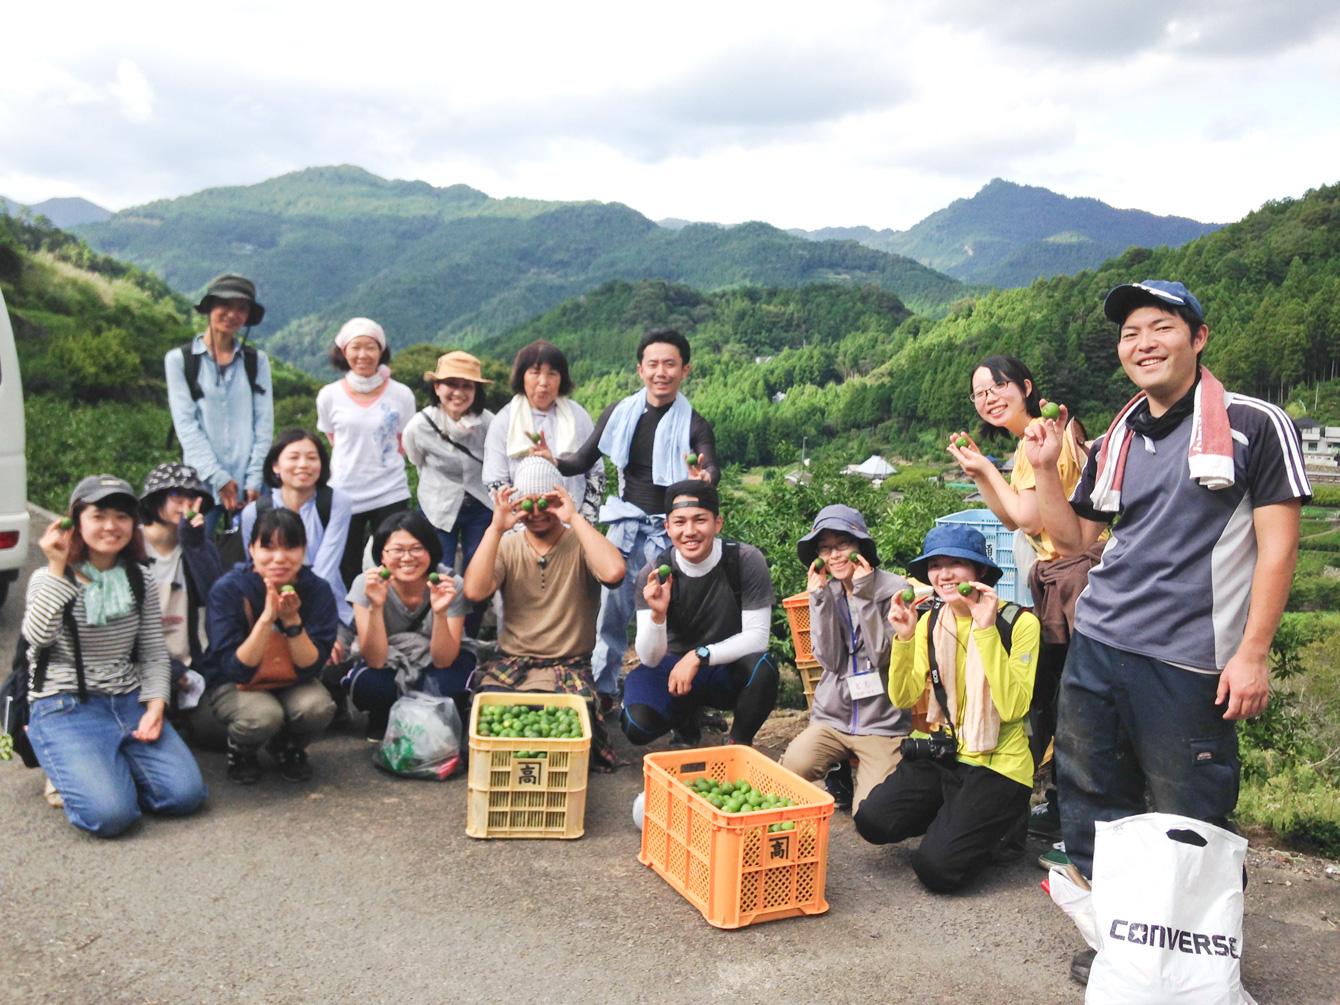 神山町内でお世話になっている農家さんの所へすだち狩りのお手伝い。